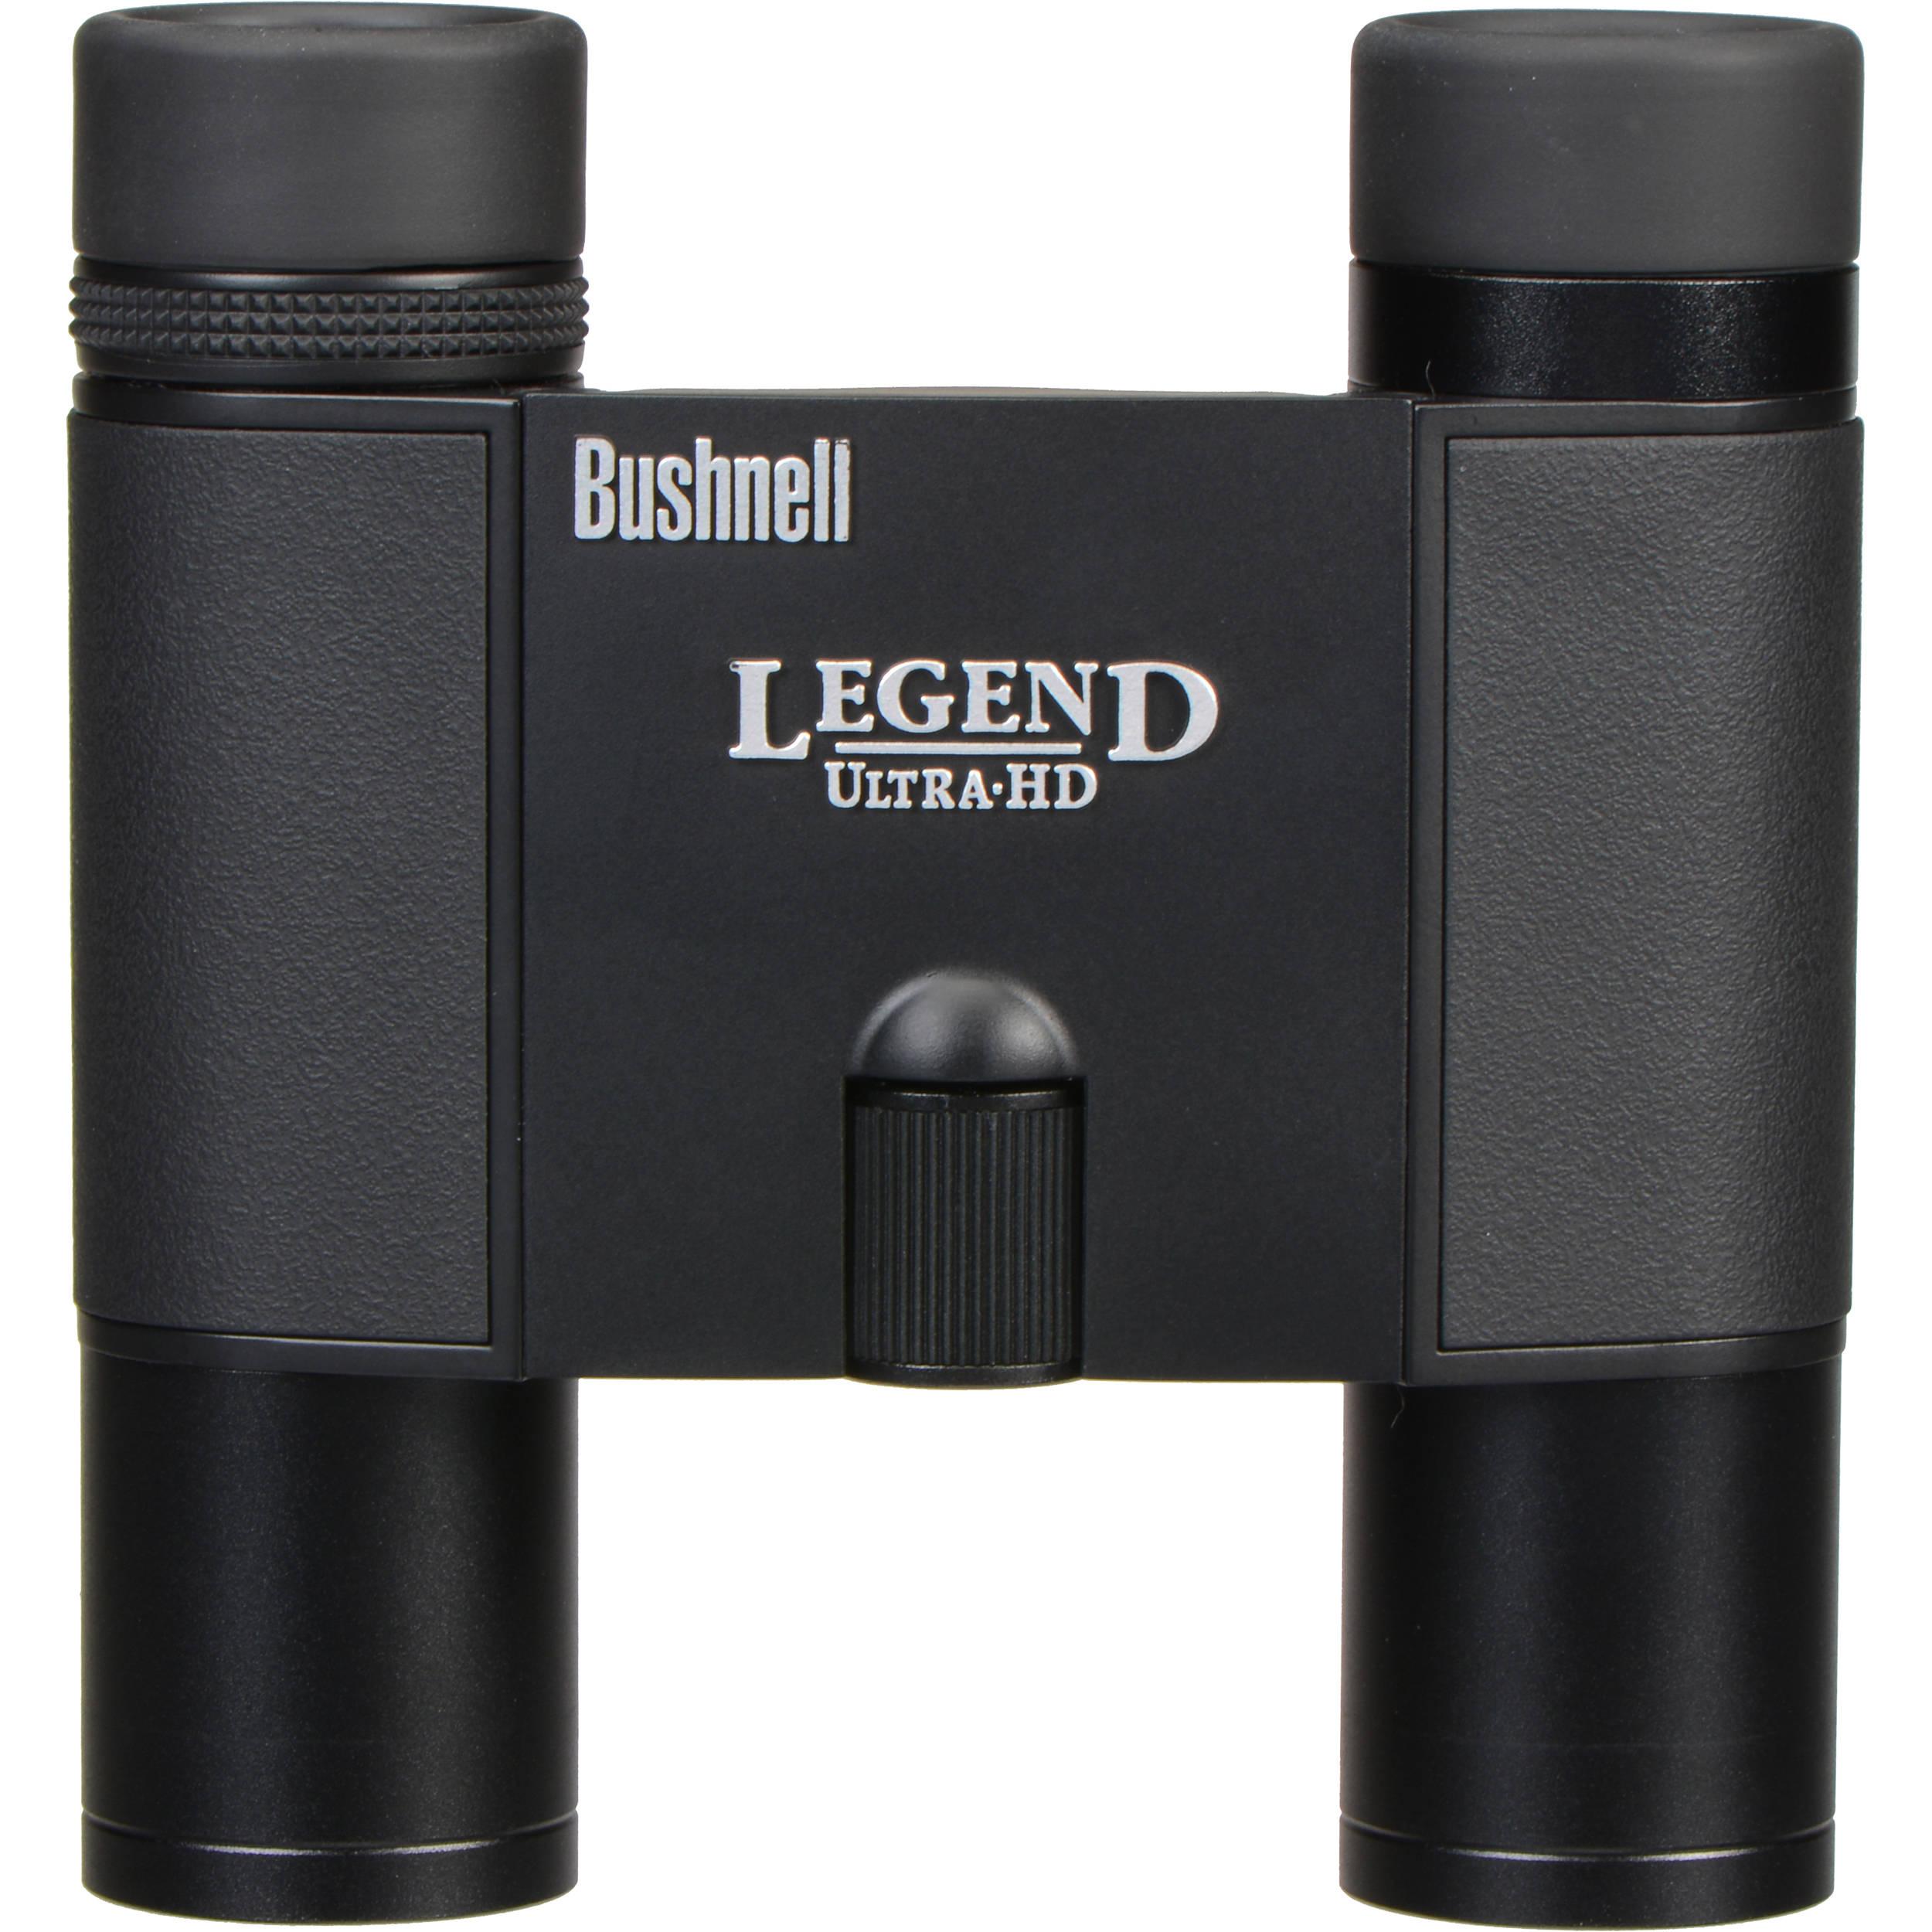 Bushnell Legend Ultra HD 10x25 Binocular 190125